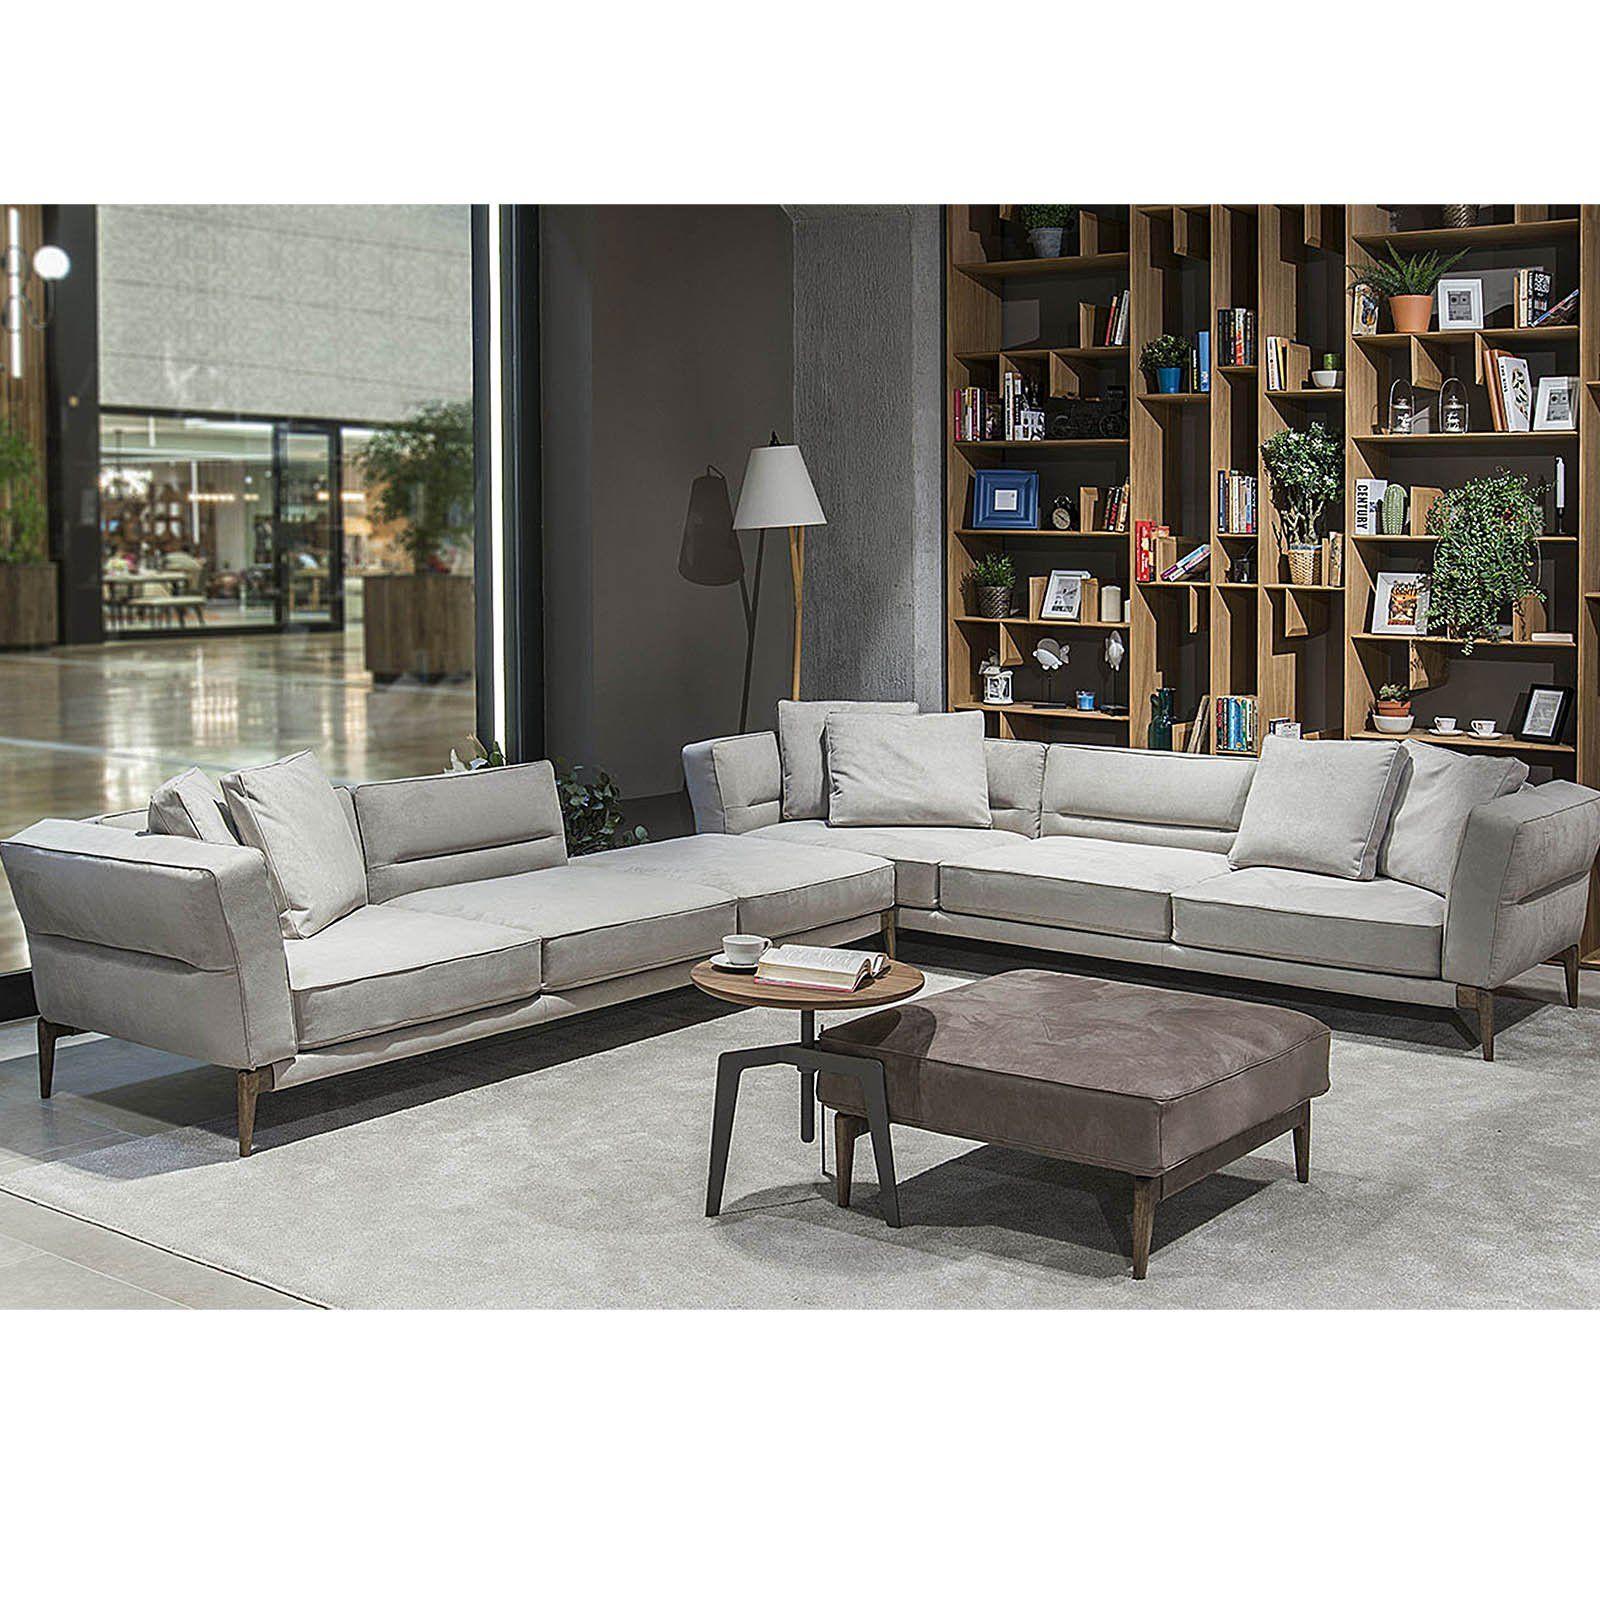 Replica Grant Featherston Contour Lounge Chair Ebarza Sofa Set L Shape Sofa Set L Shaped Sofa